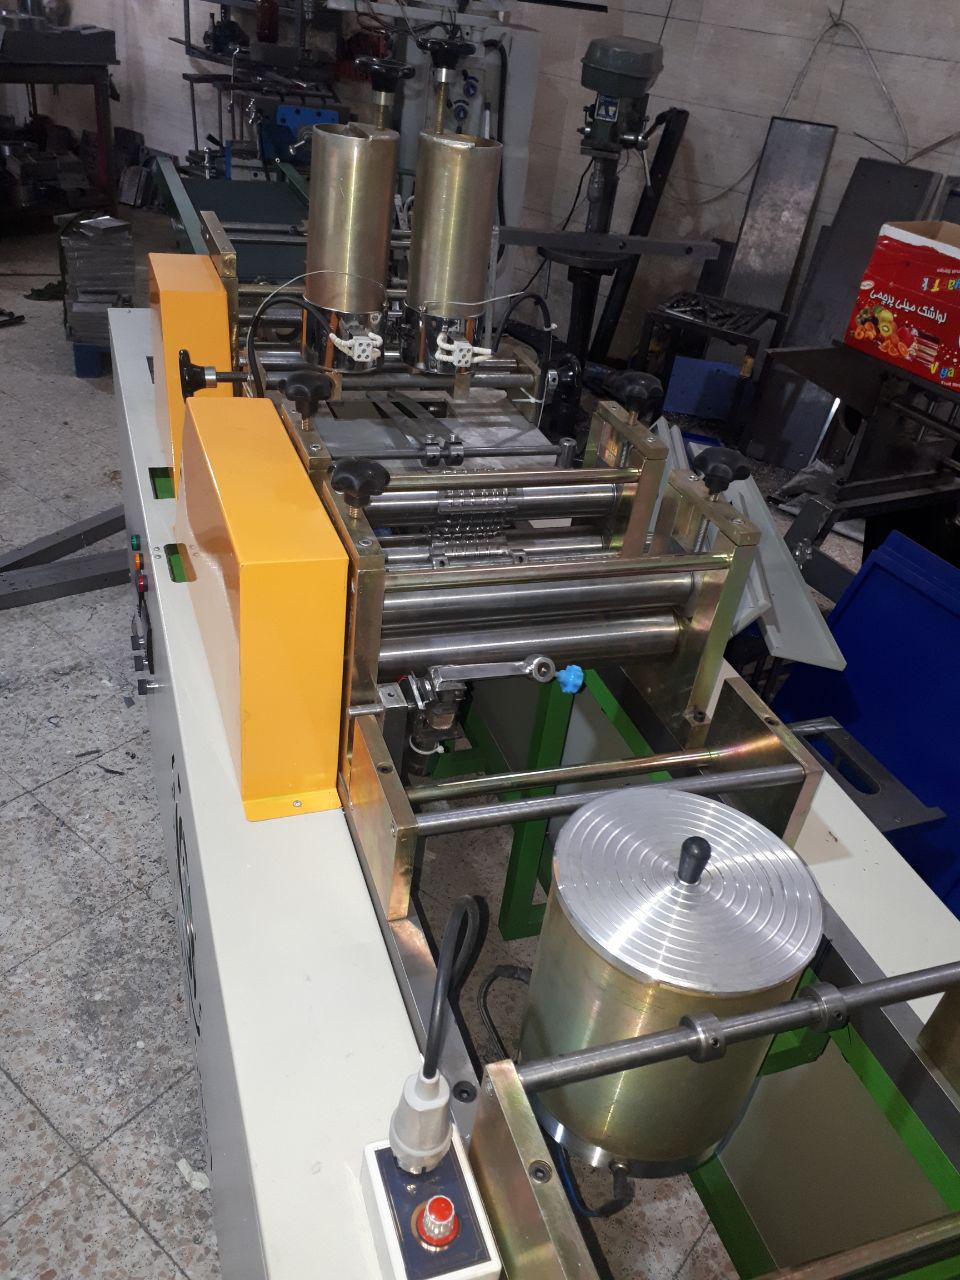 ساخت خط تولید اتوماتیک تزریق فوم و دستگاه کاغذ چینکن اتوماتیک مخصوص تولید فیلتر هوا<br/>دستگاههای ساخته شده به دو مدل تیغه ای و غلطکی<br/>تمامی ماشین آلات سا industry industrial-machinery industrial-machinery